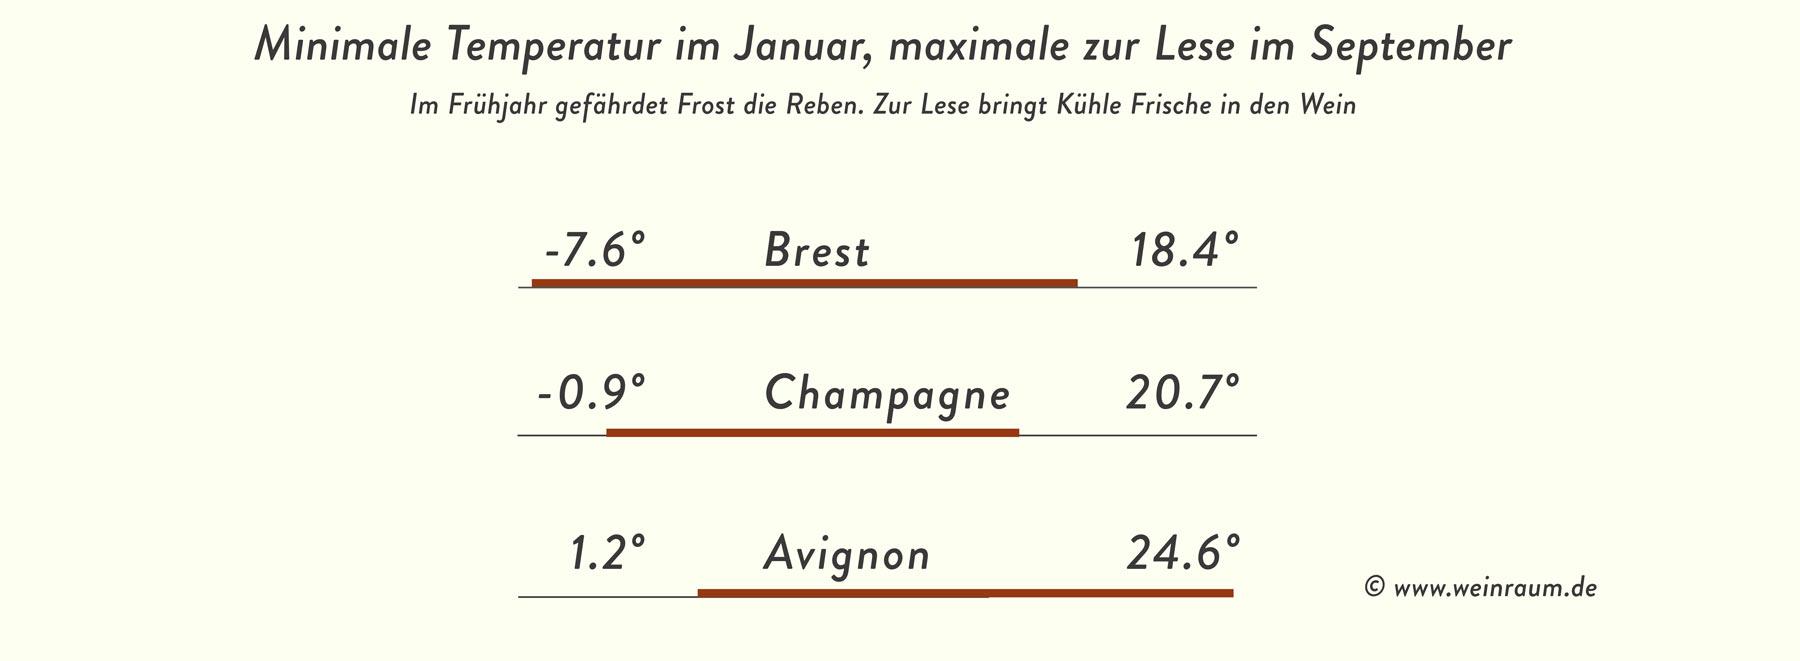 Grenzen des guten Weißweines: Frost im Frühjahr und Kühle zur Zeit der Lese